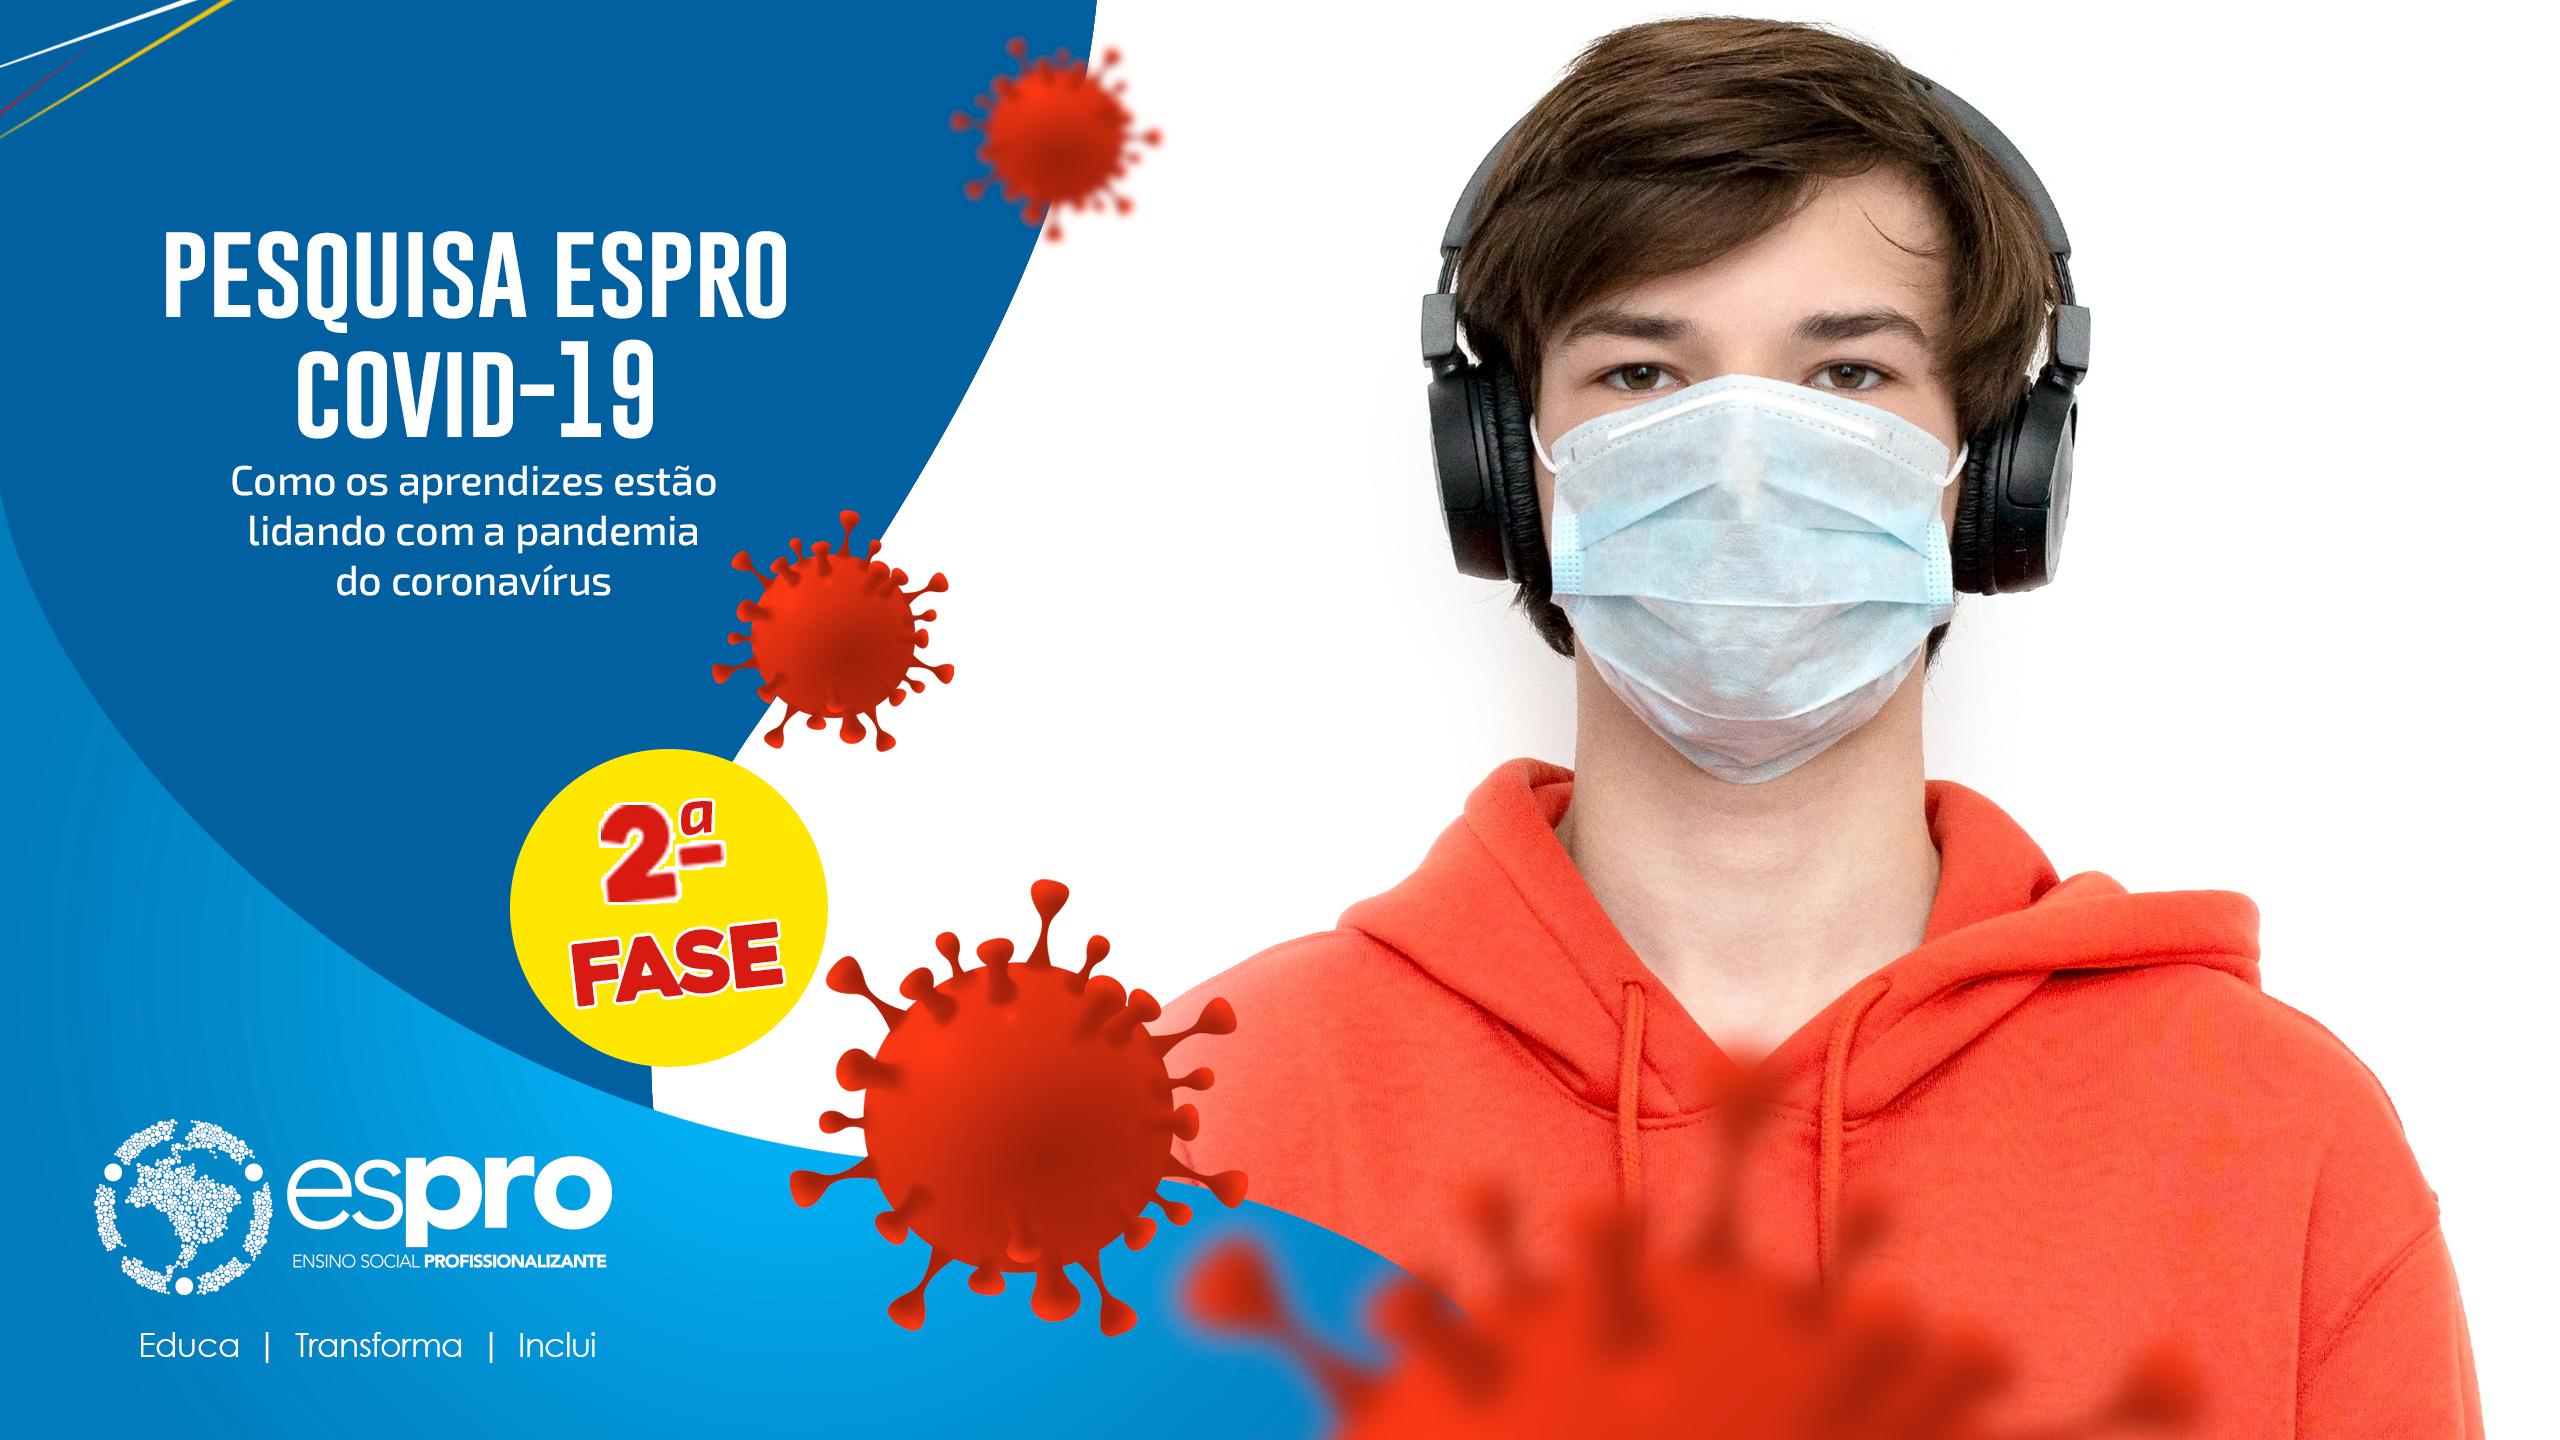 Pandemia afeta aprendiz Espro com queda de renda e suspensão de contratos